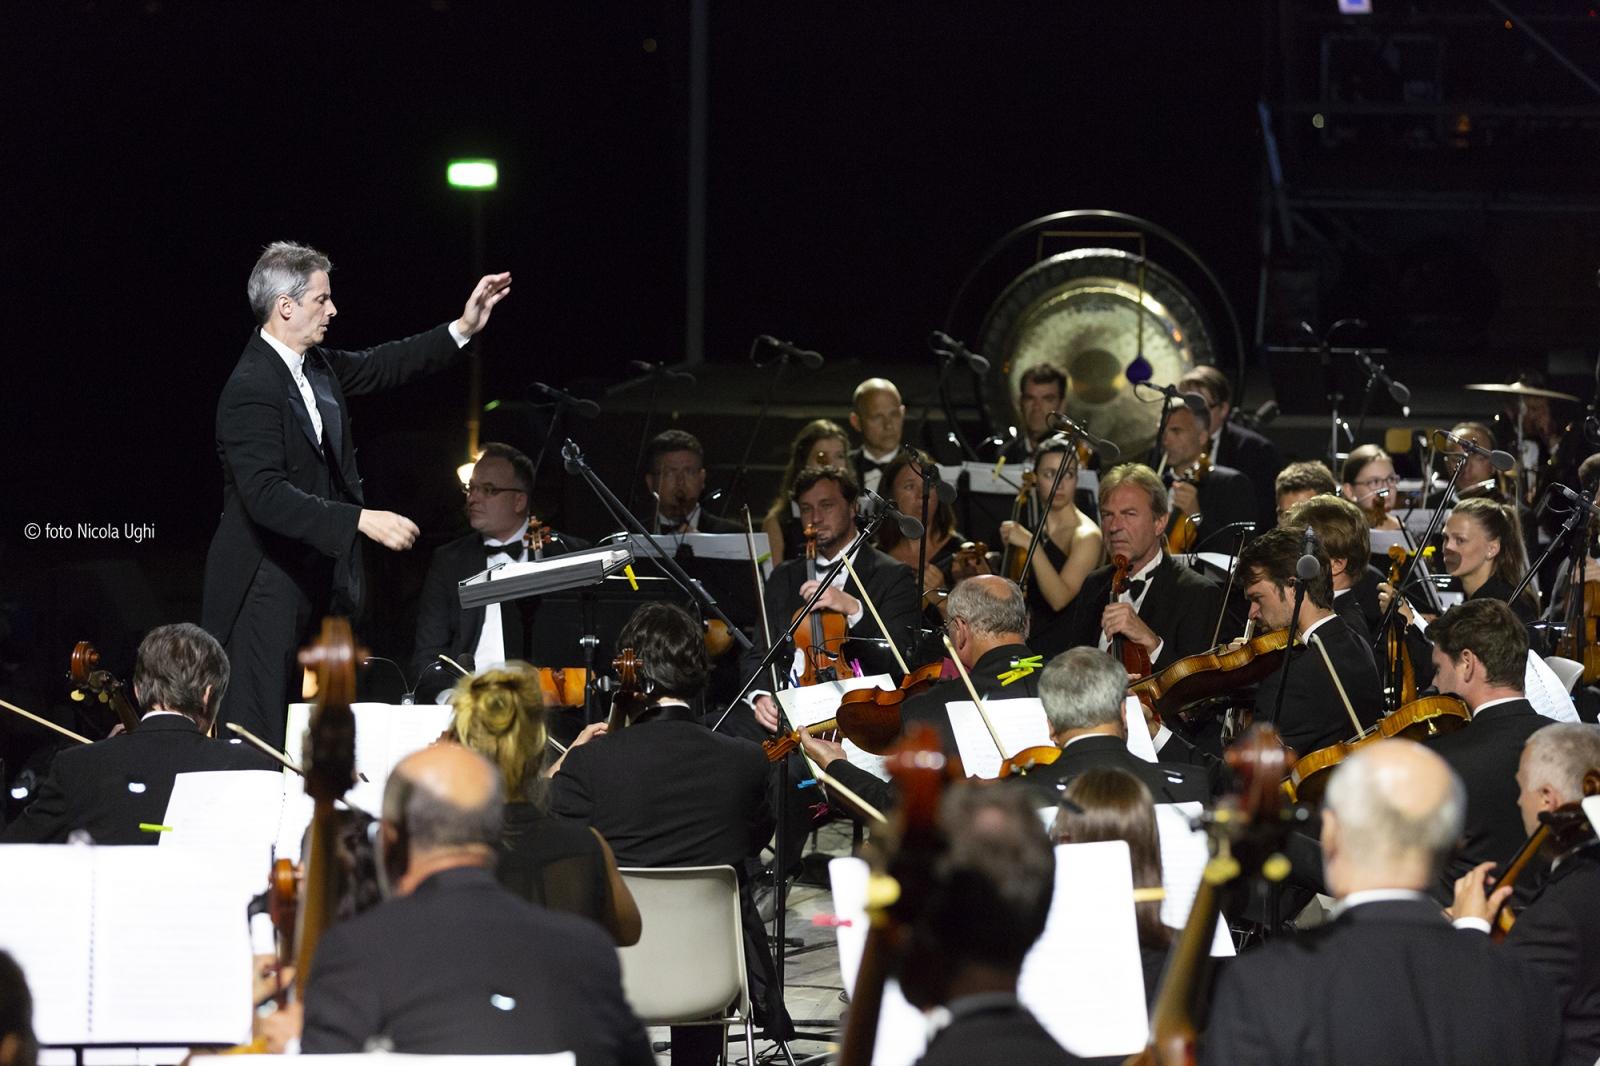 Maestro Steven Mercurio and the Symphonic Orchestra - Czech Republic